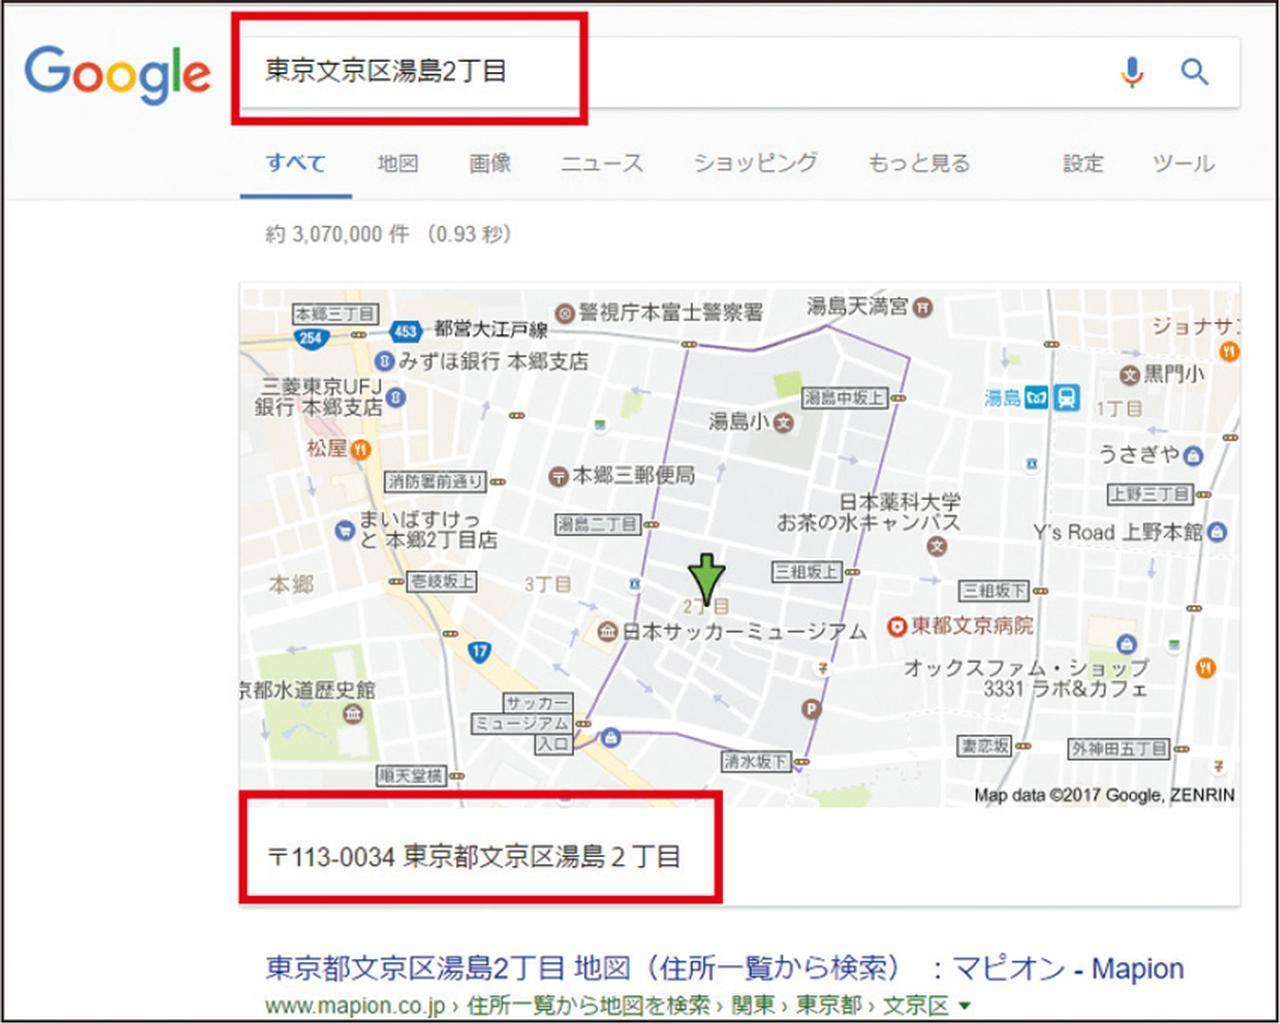 画像: 郵便番号が知りたければ、直接住所を入力すればOK。当該地区の地図と郵便番号が検索結果画面に表示される。